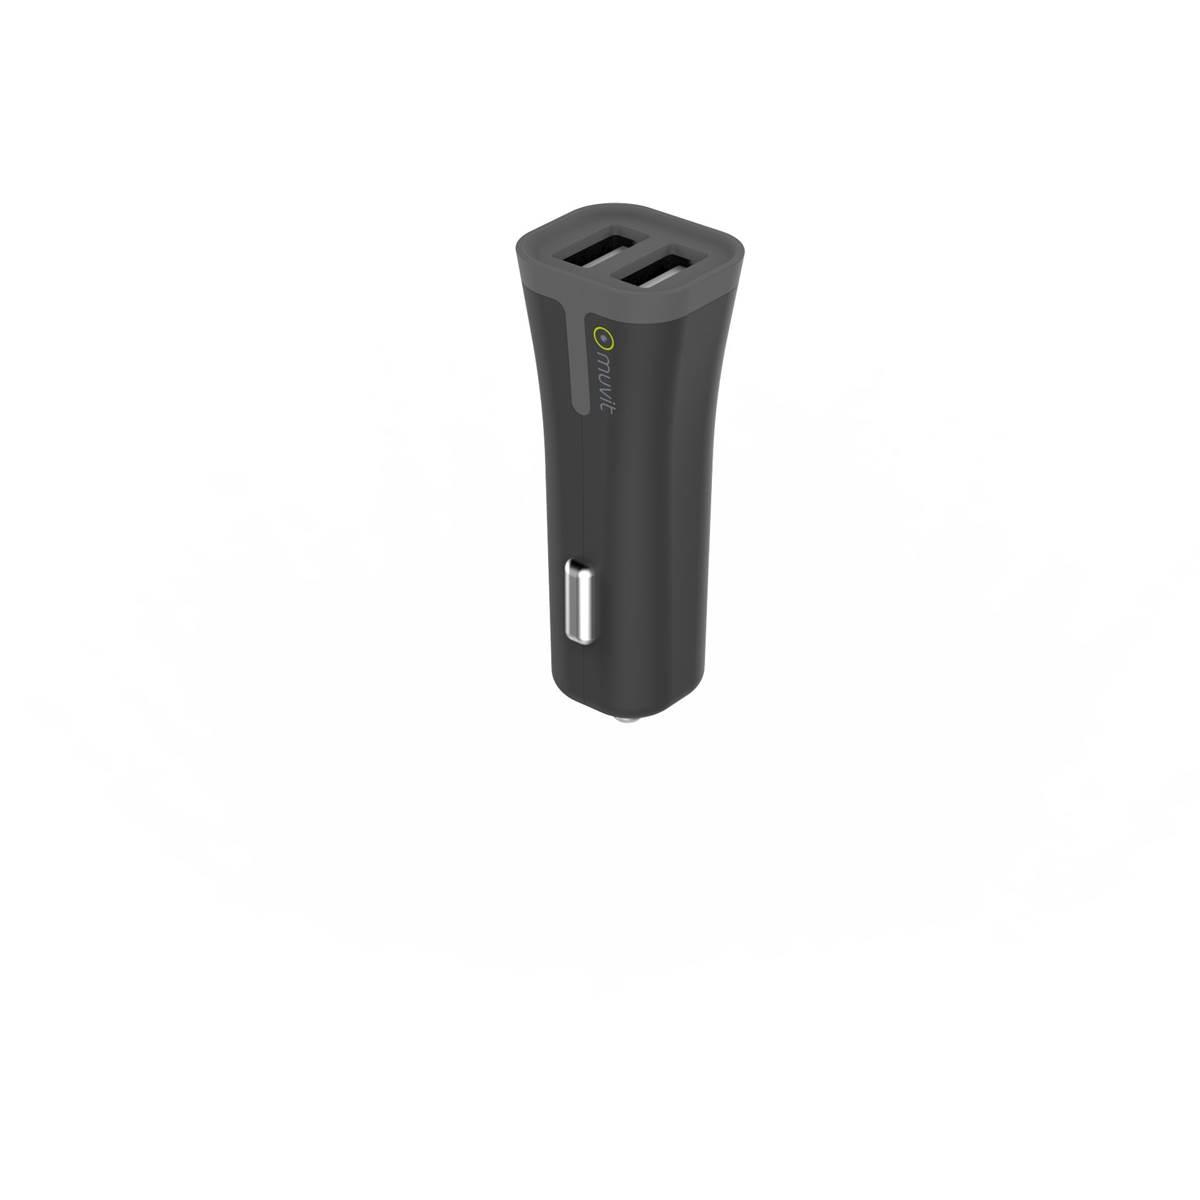 Chargeur allume-cigare 2 entrées USB 2,4A Muvit